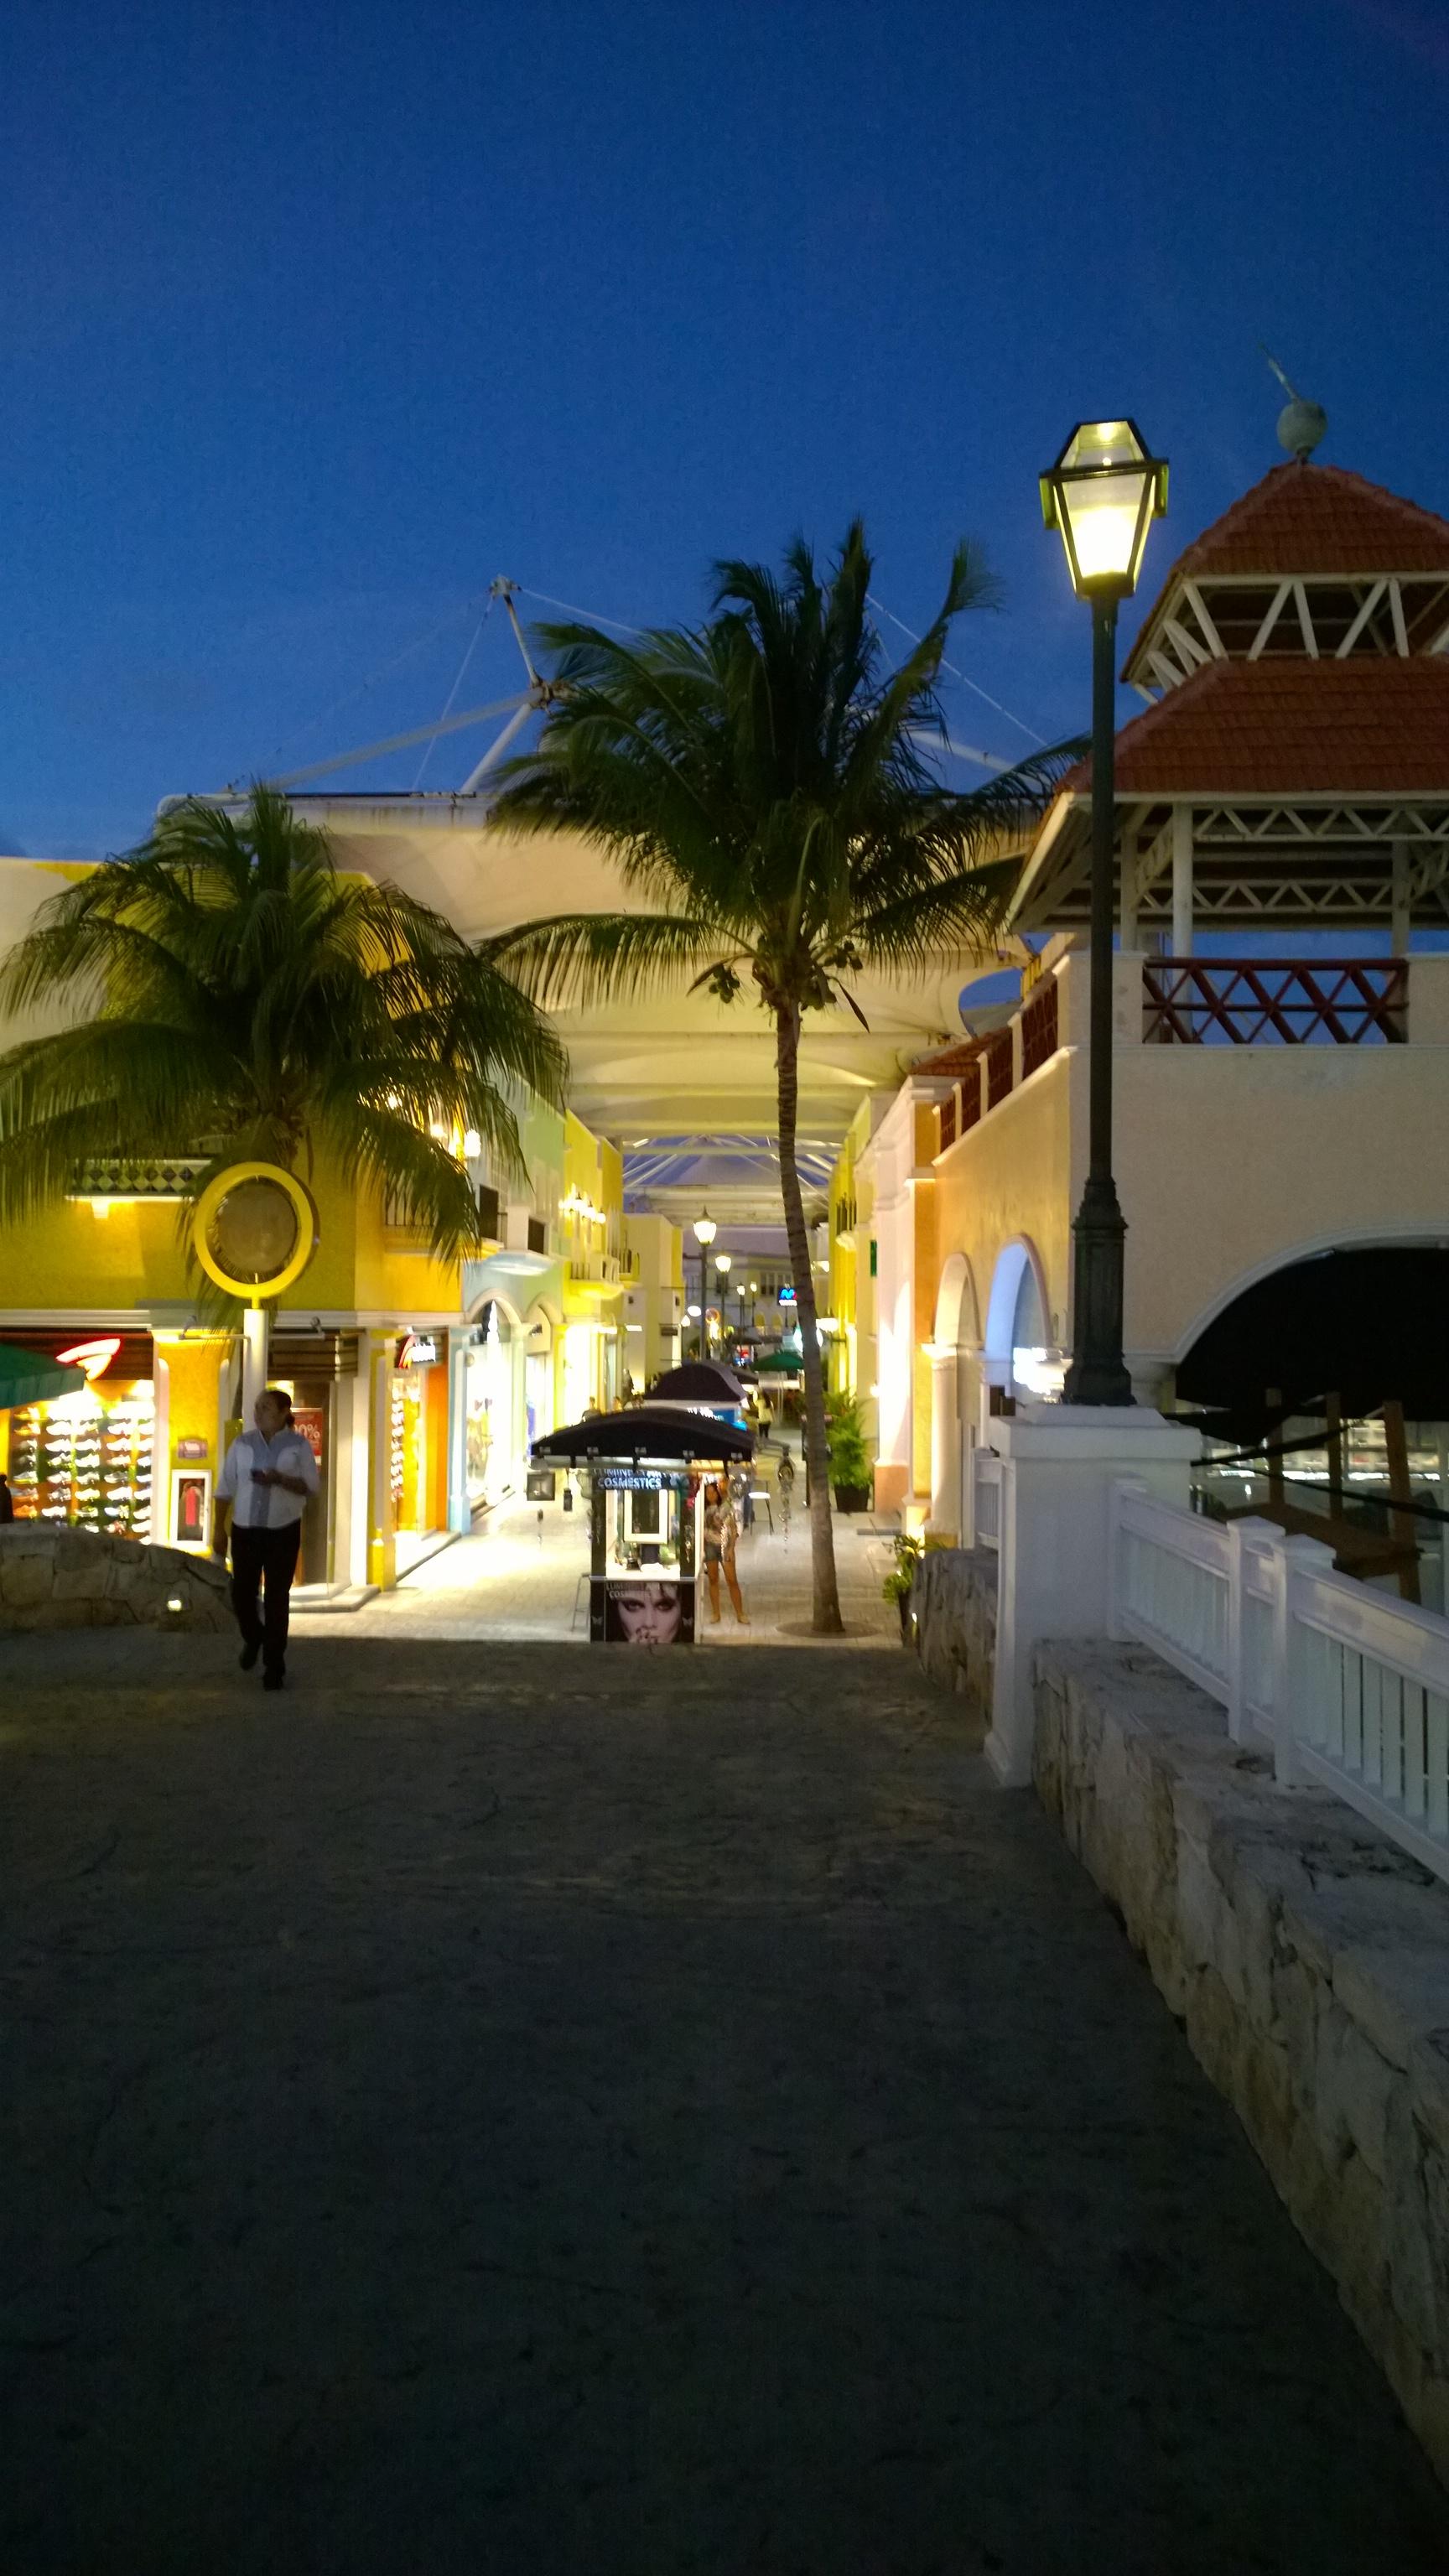 cancun mexiko uhrzeit